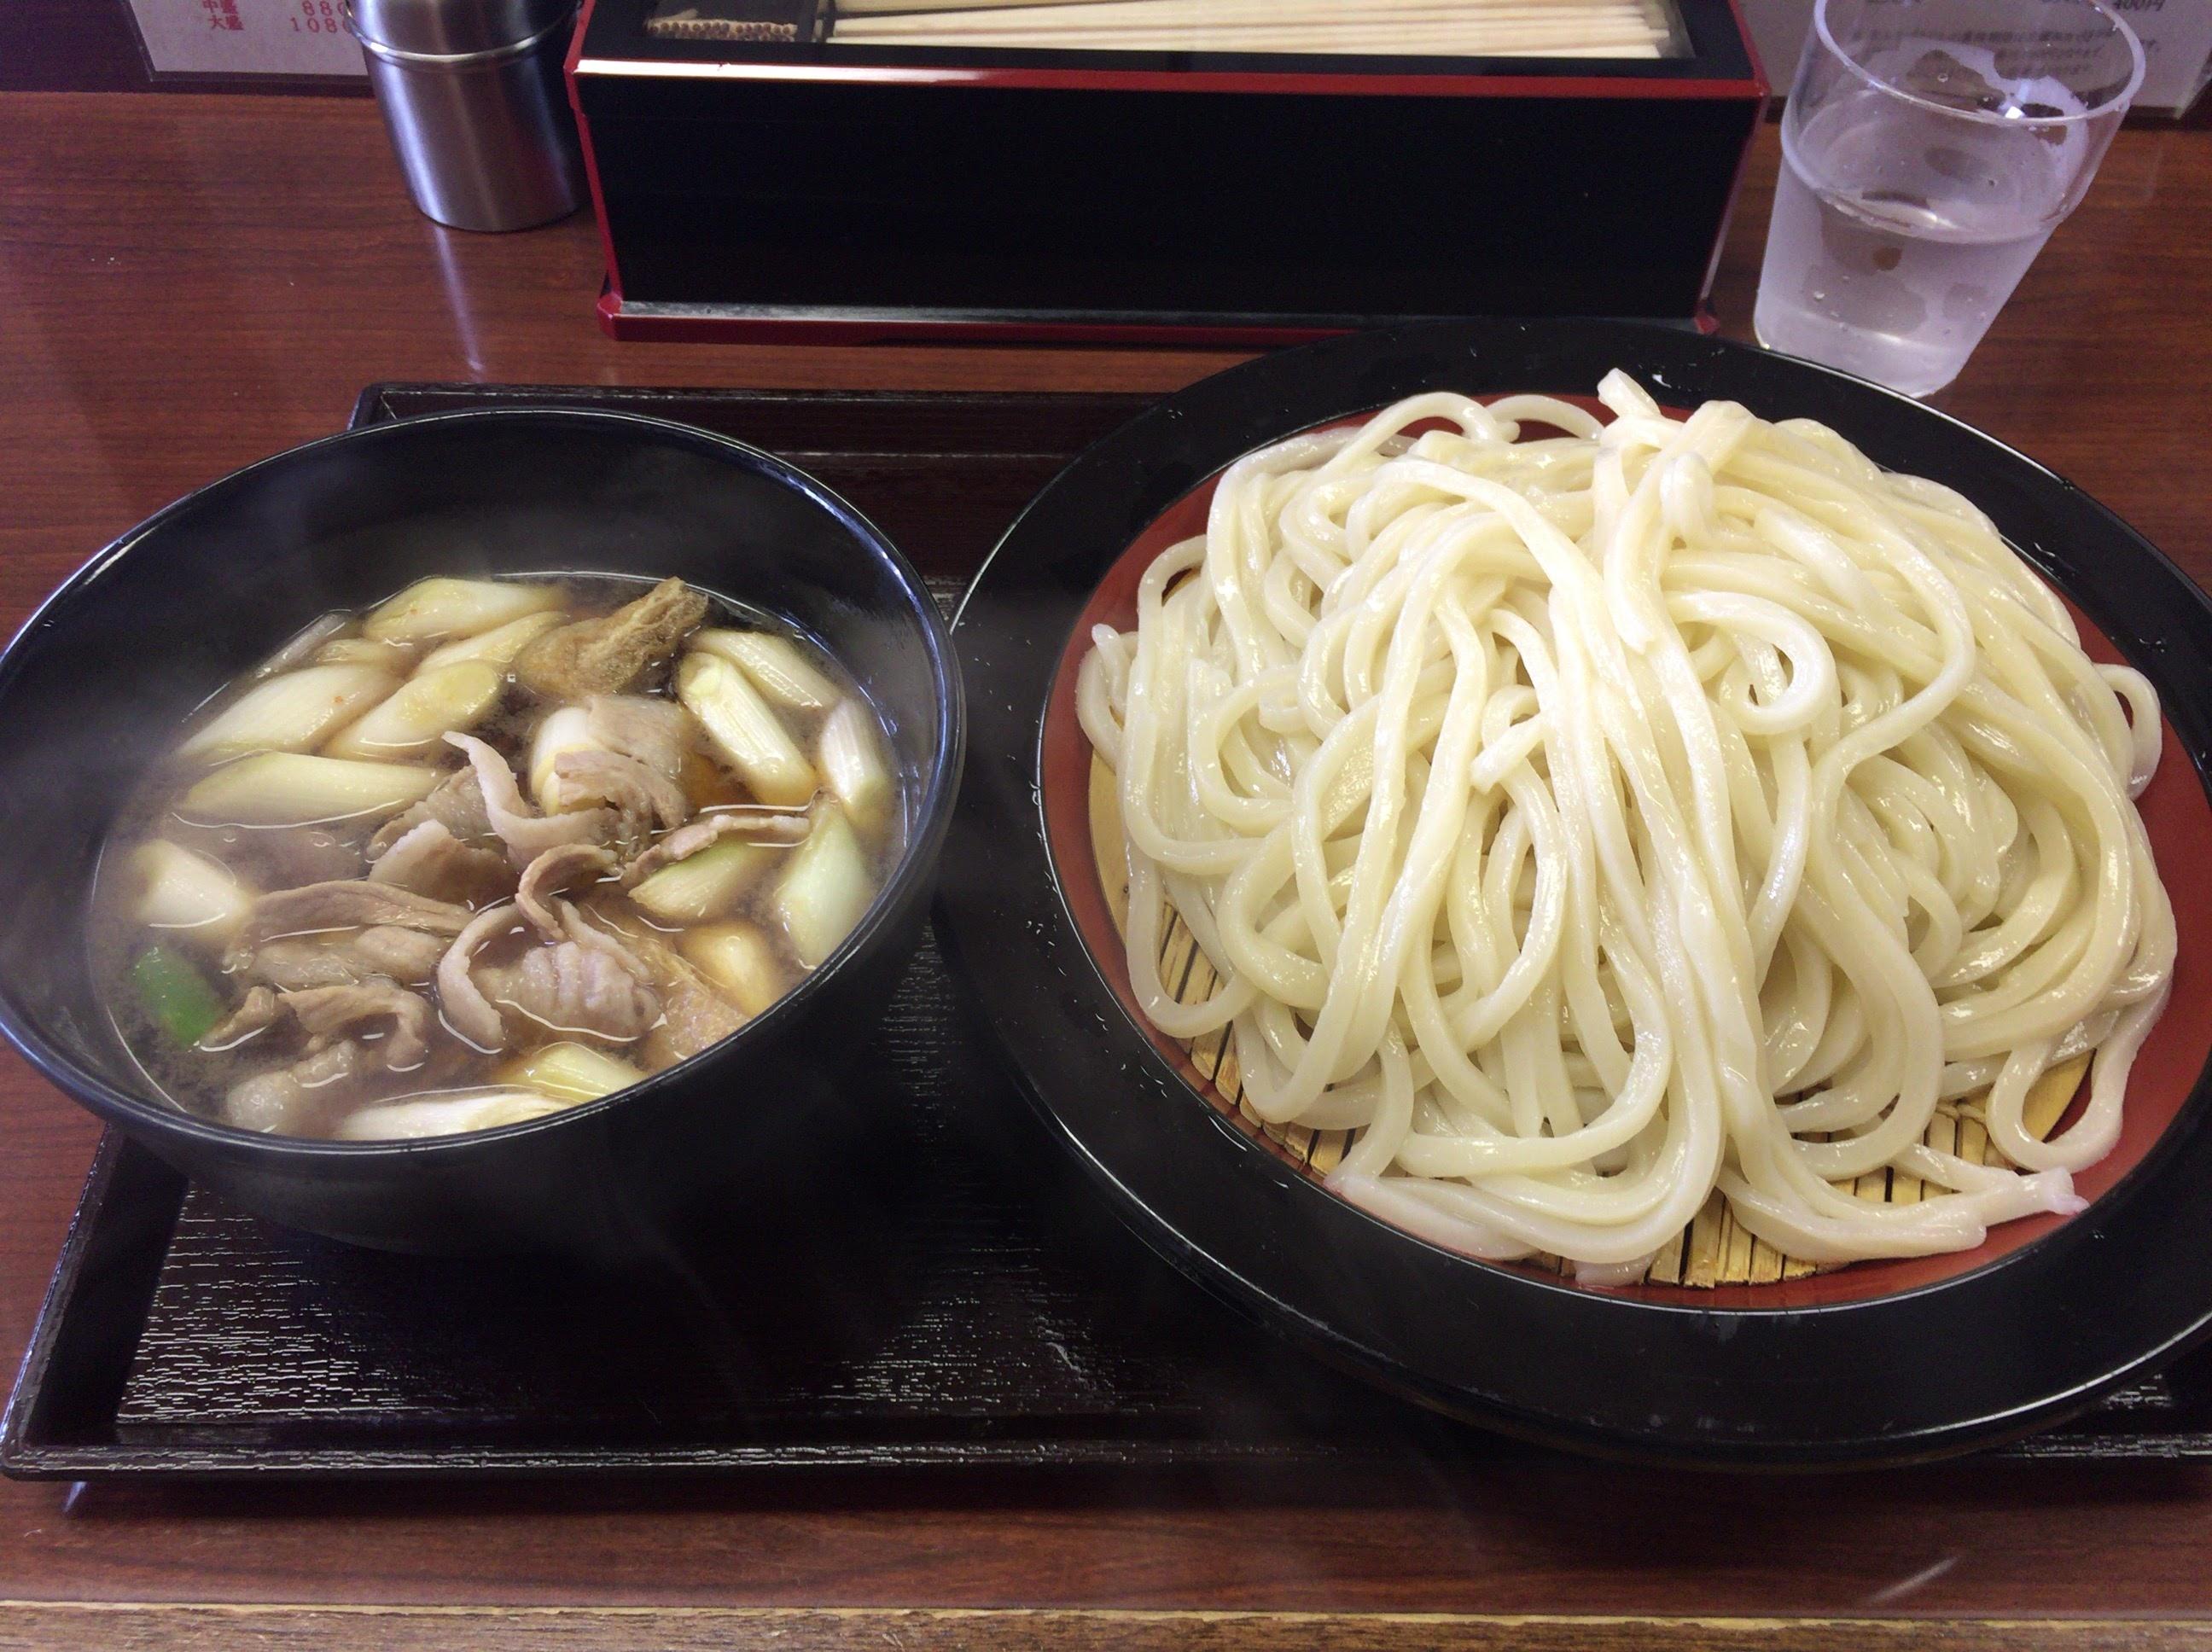 埼玉で絶品の肉汁うどんを味わえる!武蔵野うどん藤原が超絶おすすめ!